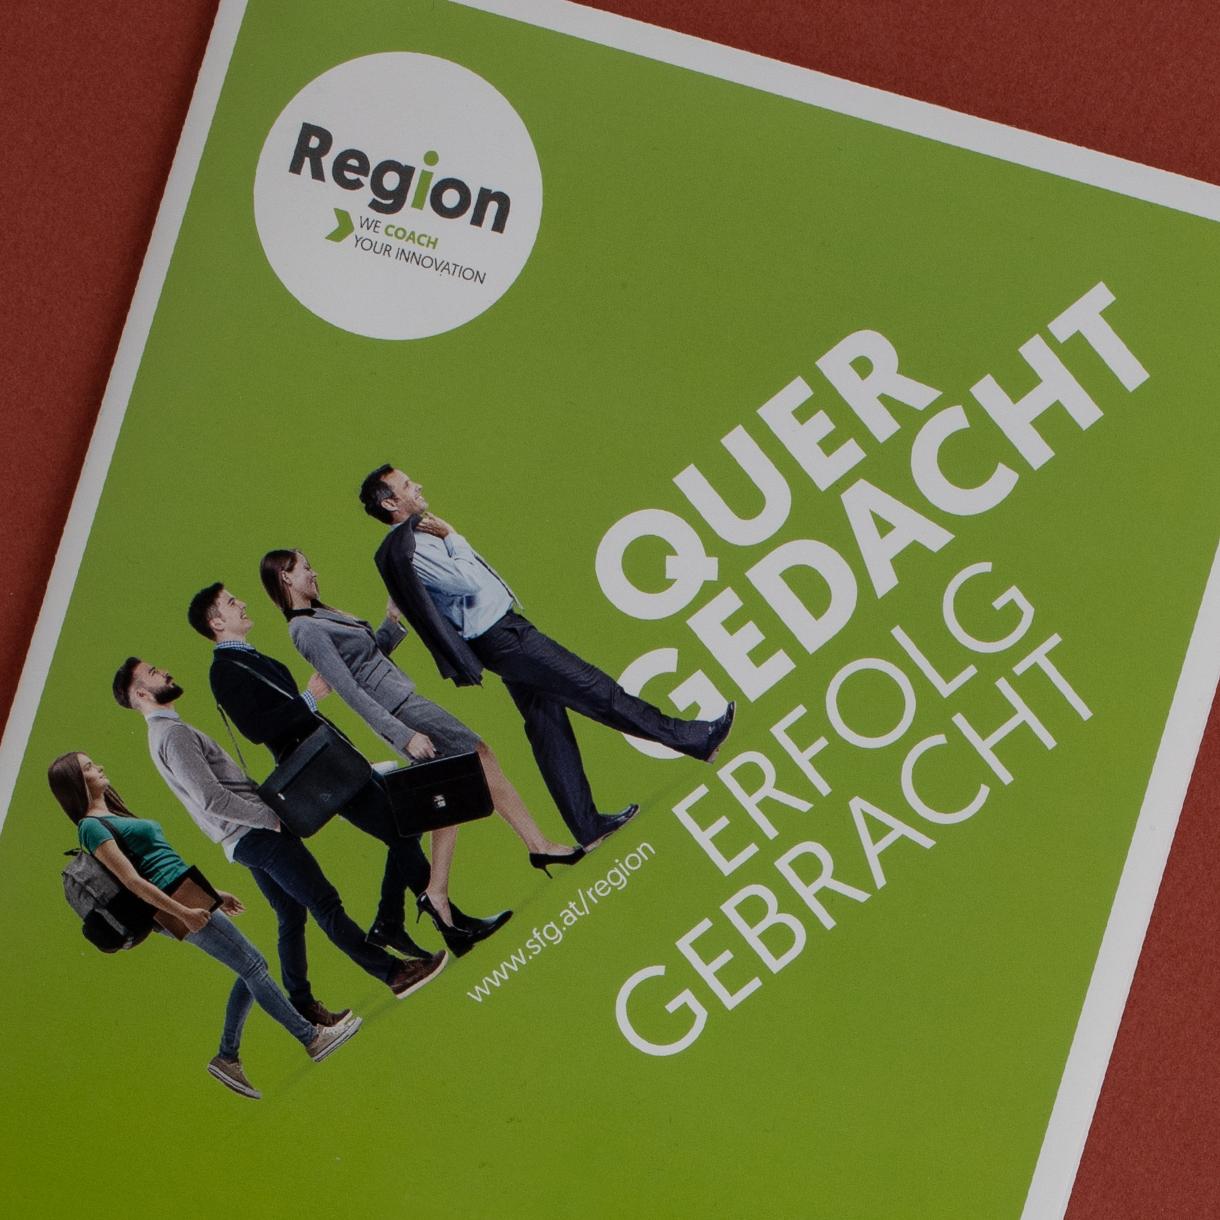 Markenstolz // SFG Steirische Wirtschaftsförderung Regionales Innovationscoaching Brandstory Print PR